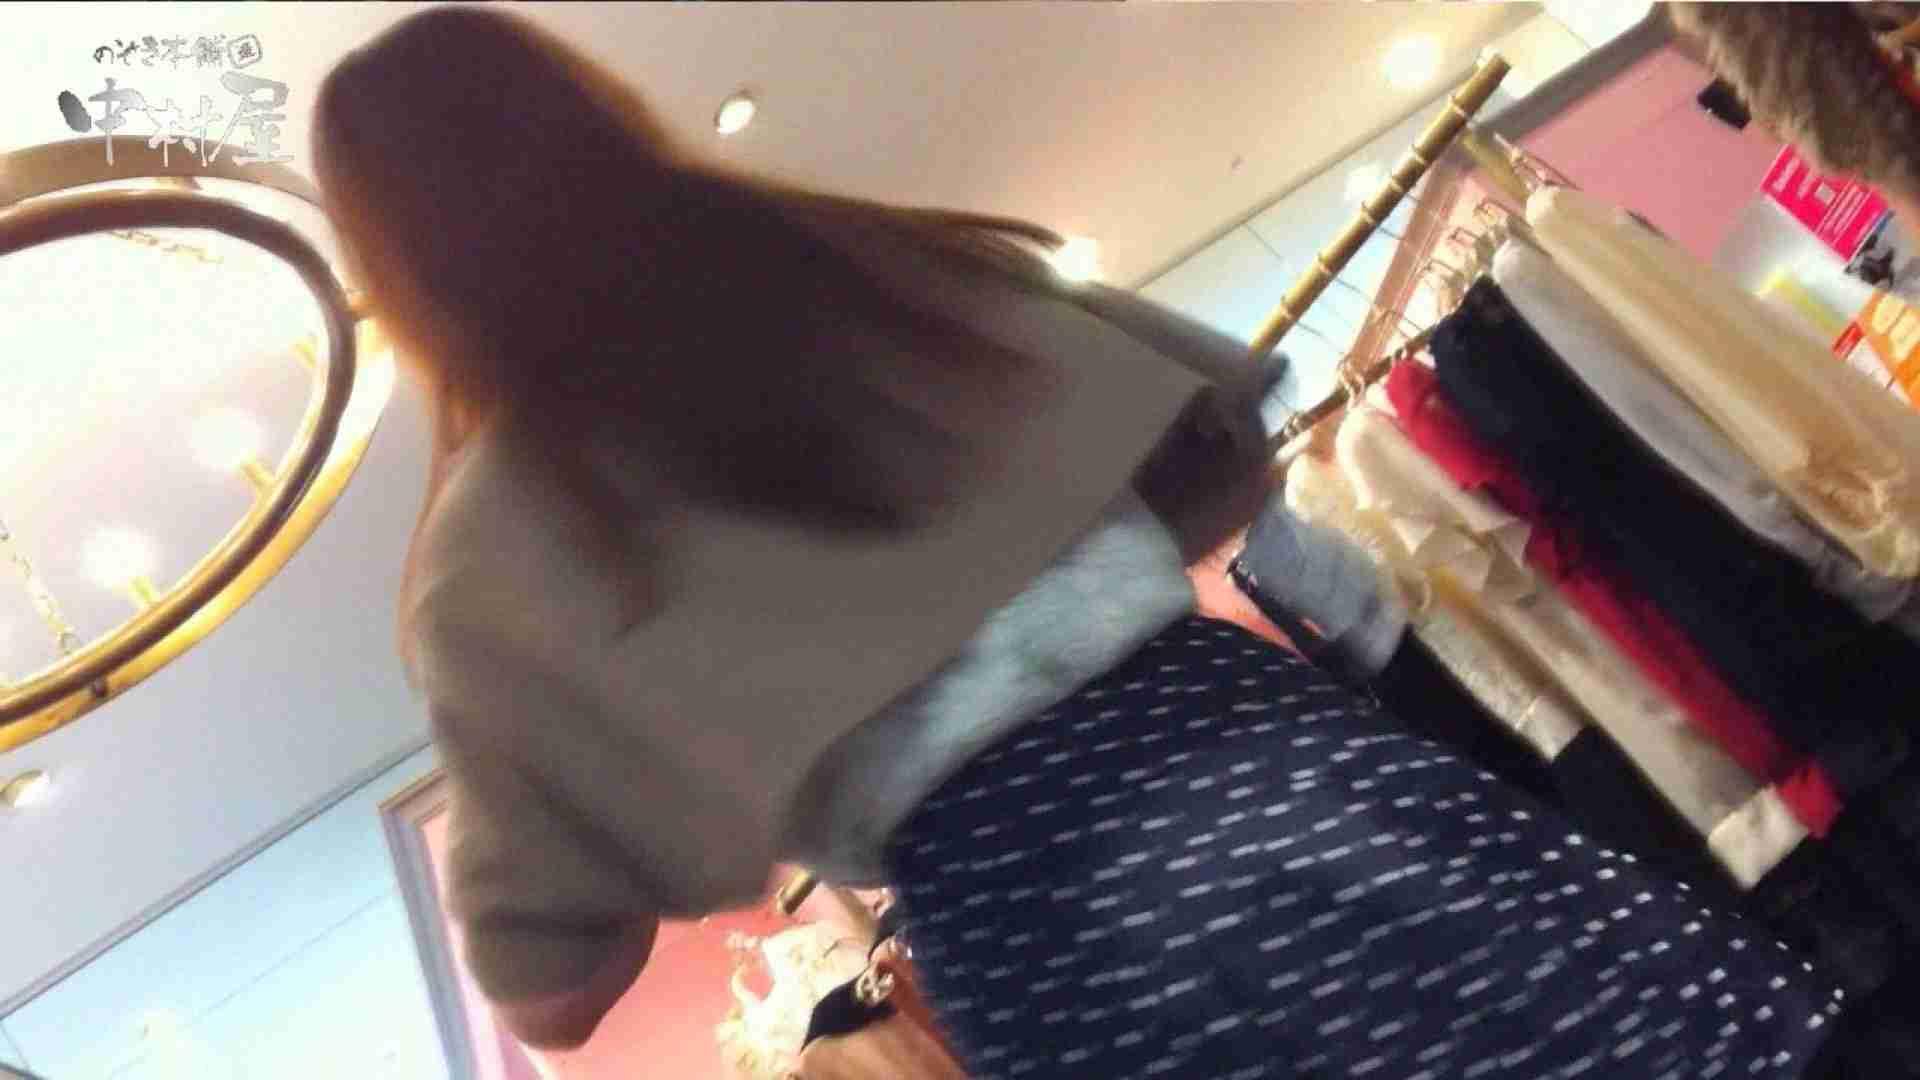 vol.82 美人アパレル胸チラ&パンチラ チラ豊作! パンチラ すけべAV動画紹介 65連発 25